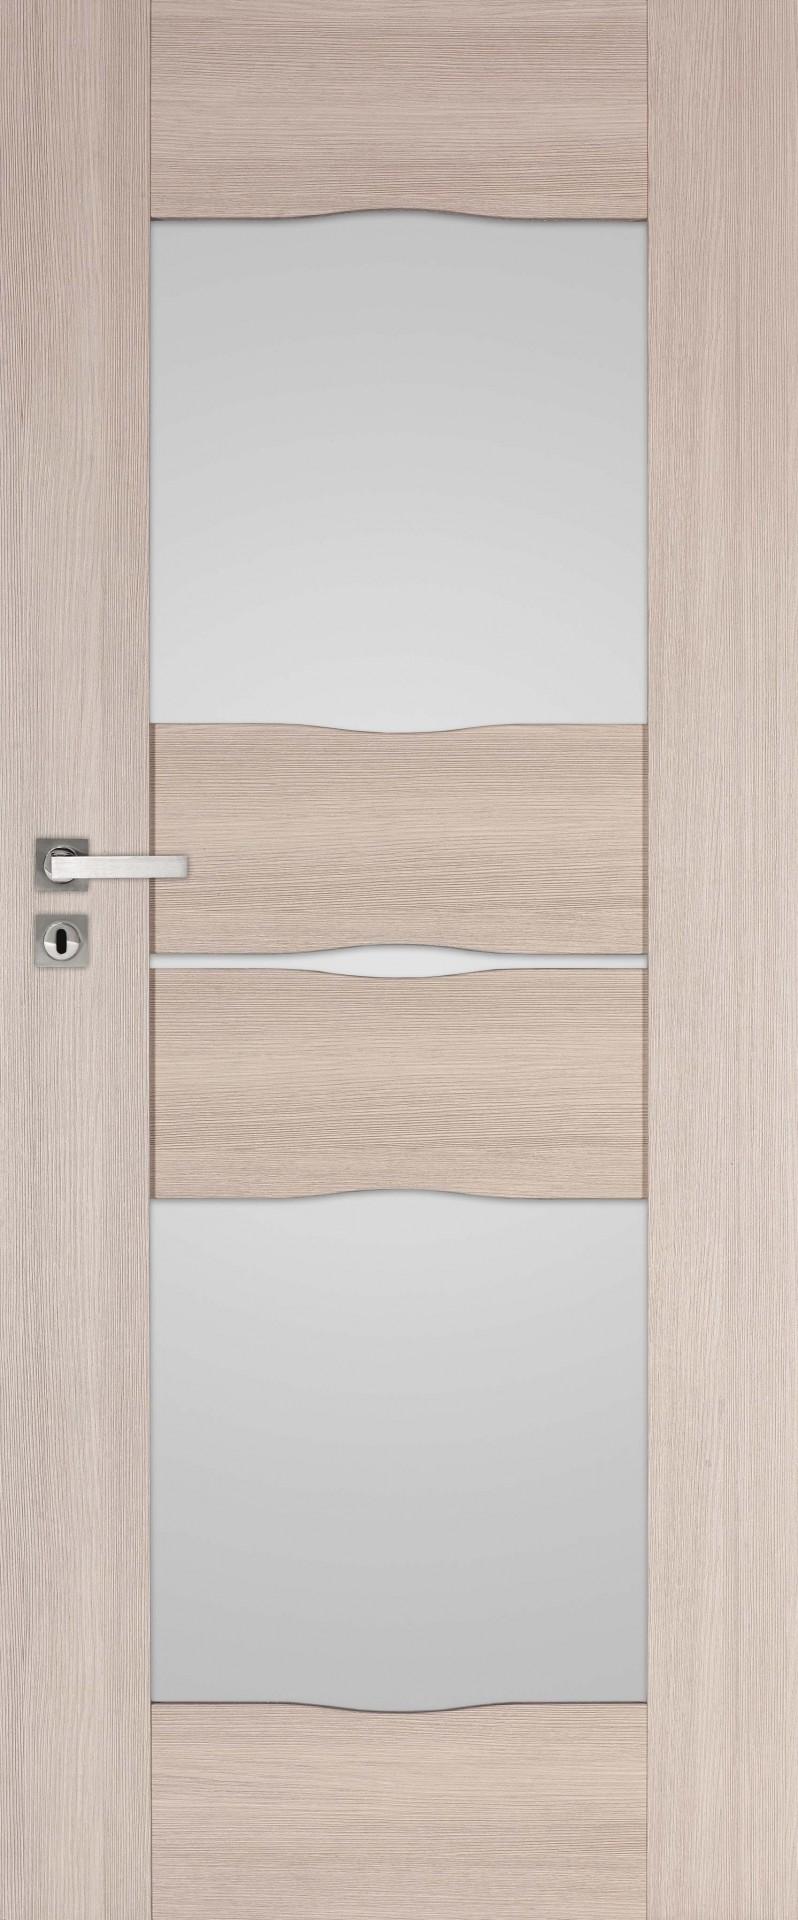 Dre dveře VERANO 4, Šíře v cm 80